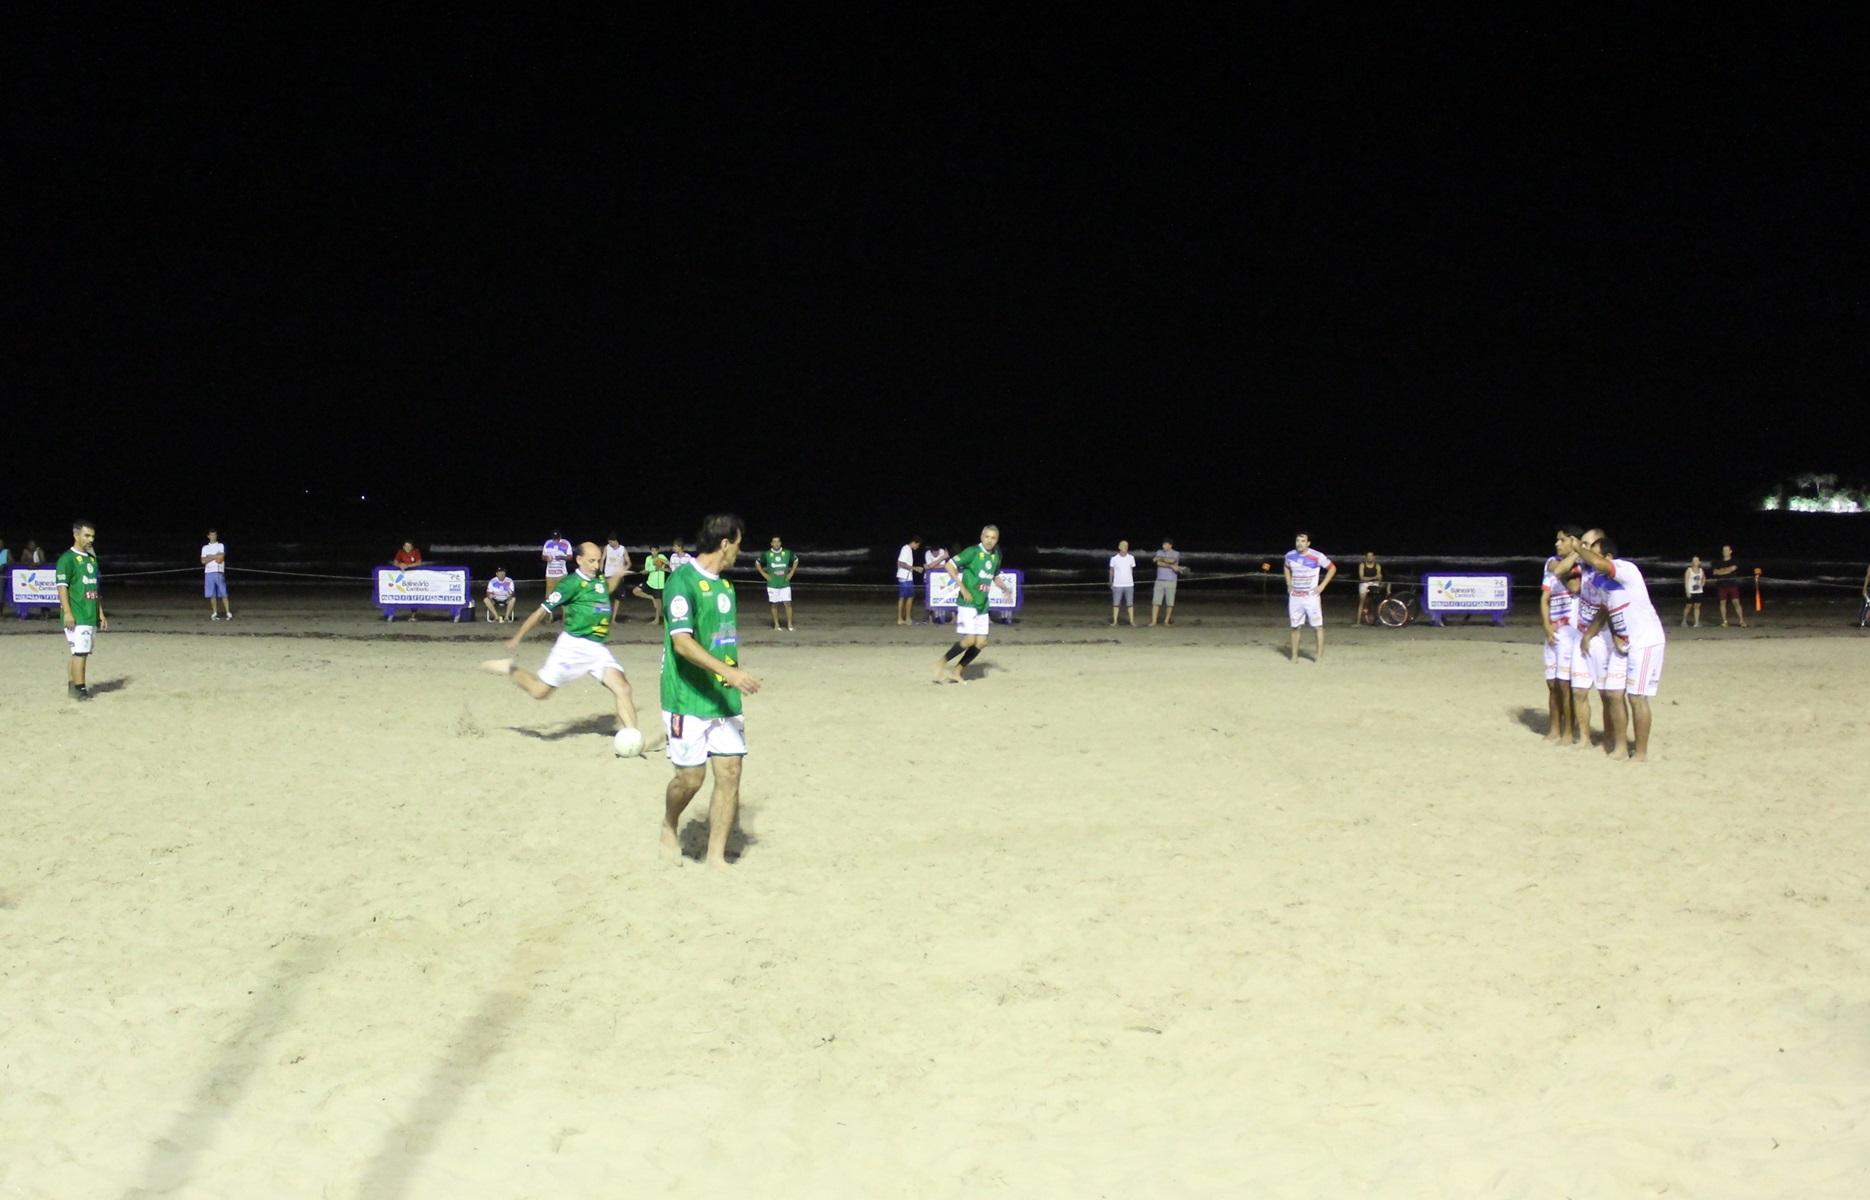 d3e7ea0152 Campeonato de futebol de areia começa nesse sábado